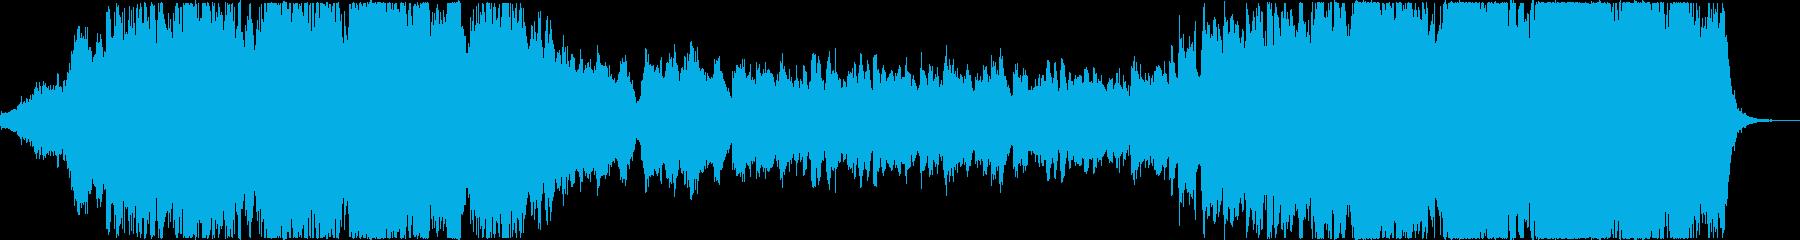 ファンタジー世界での最終決戦前.wavの再生済みの波形